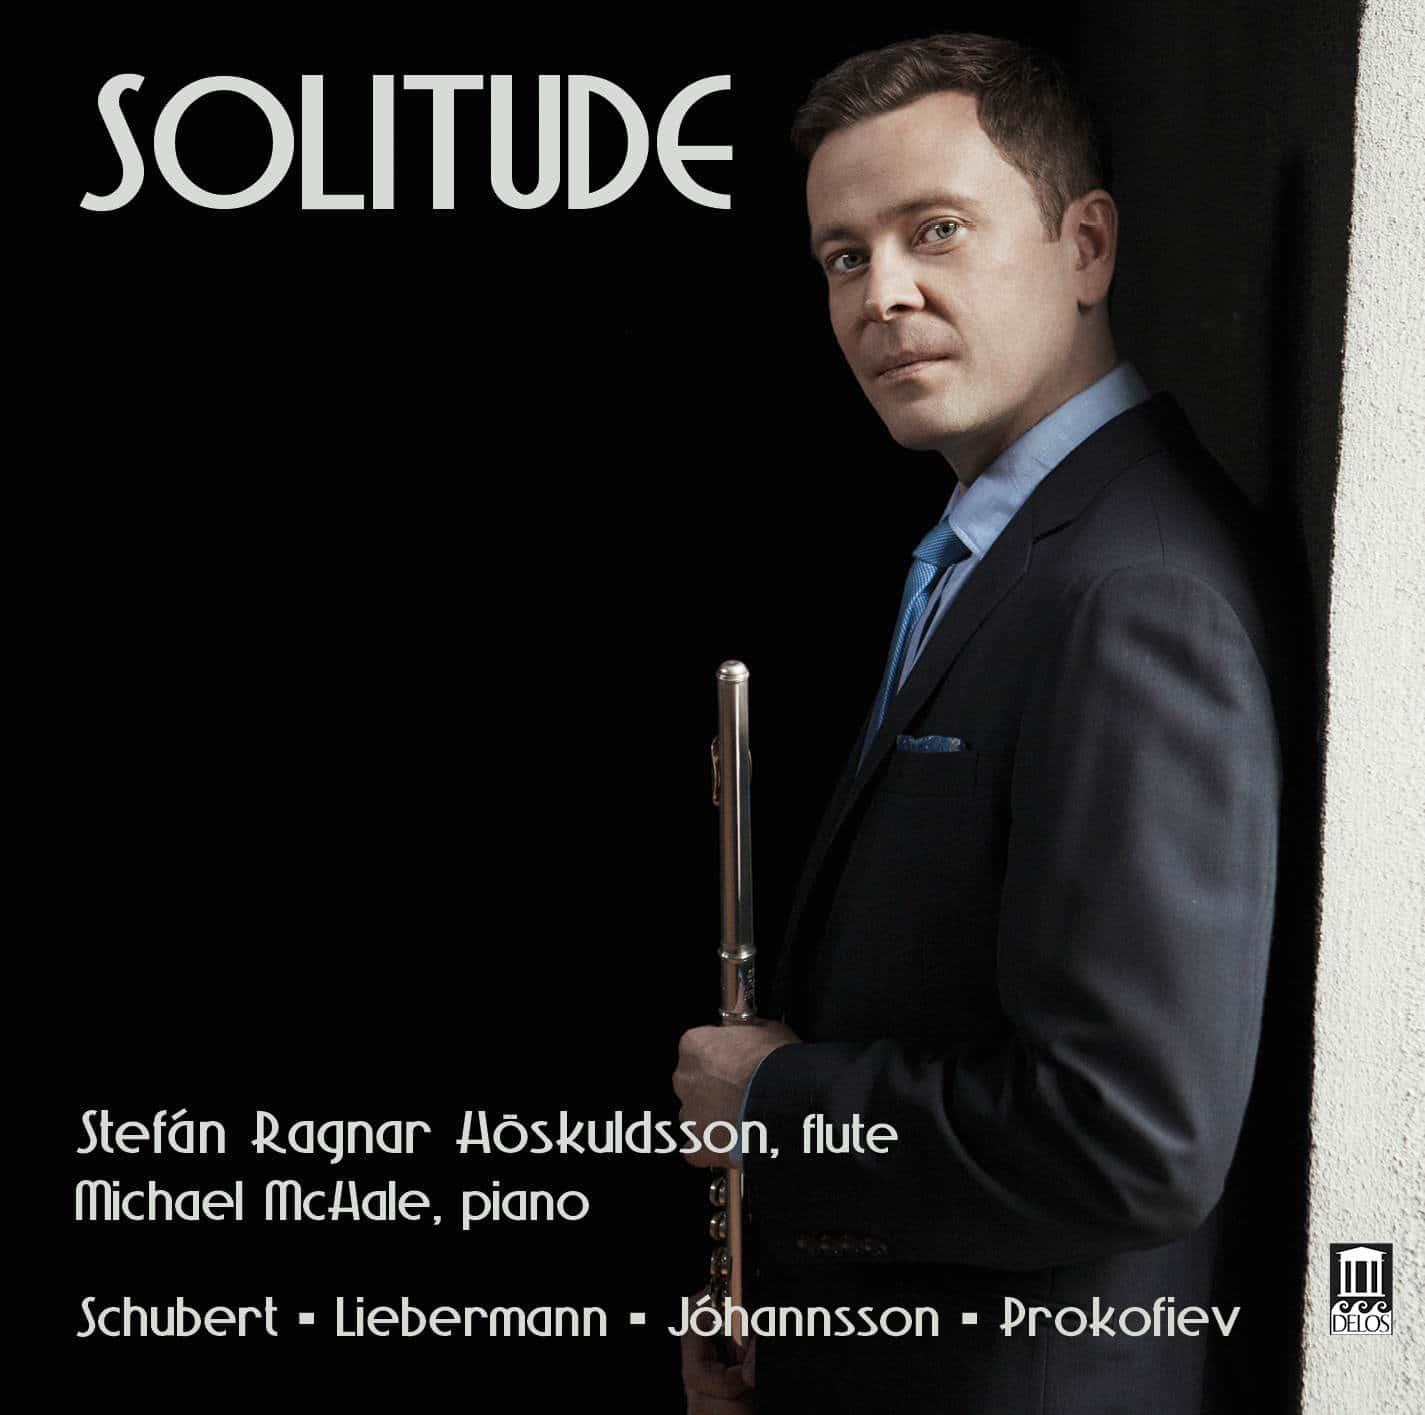 Solitude — Stefán Ragnar Höskuldsson